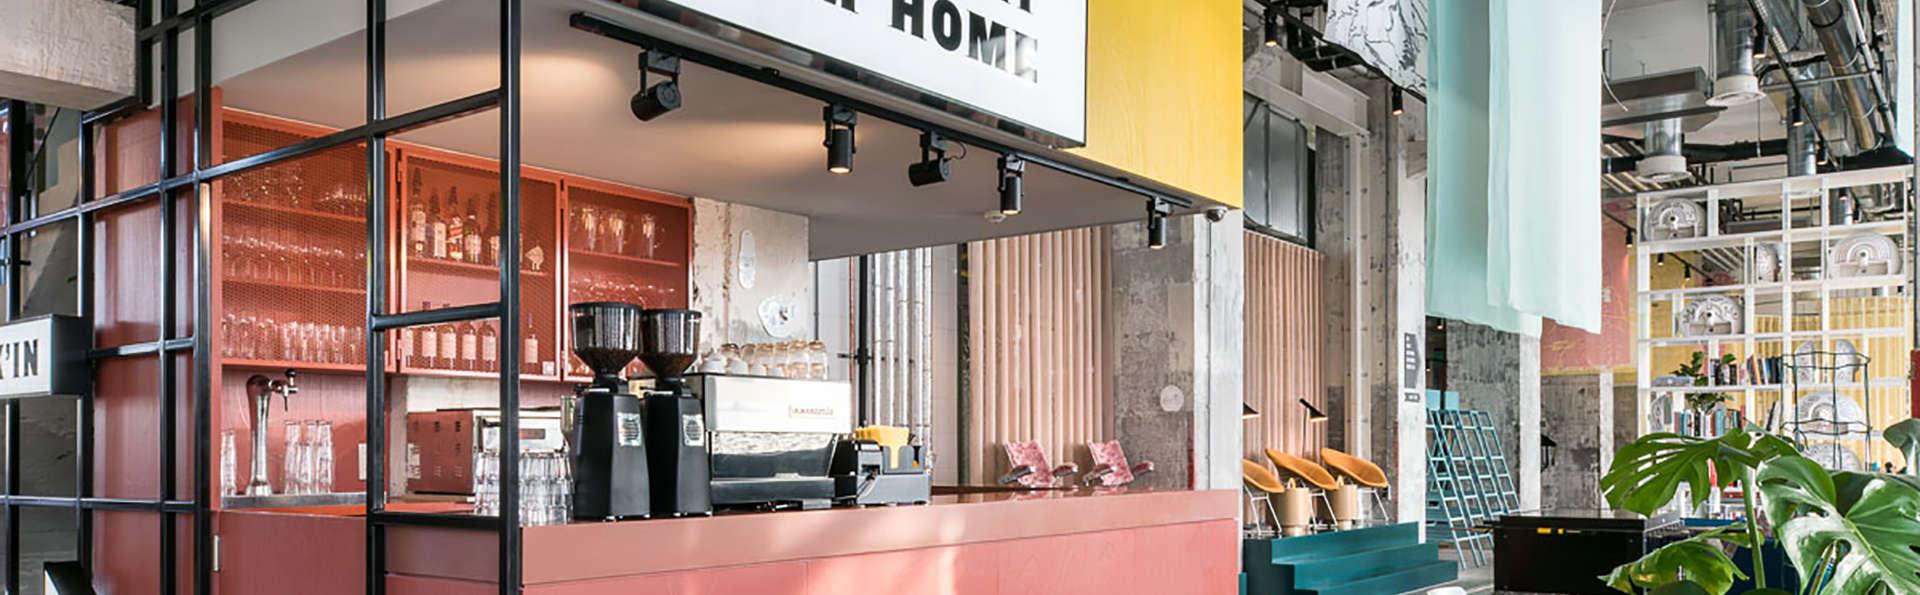 Découvrez le quartier branché de Maastricht depuis un hôtel design